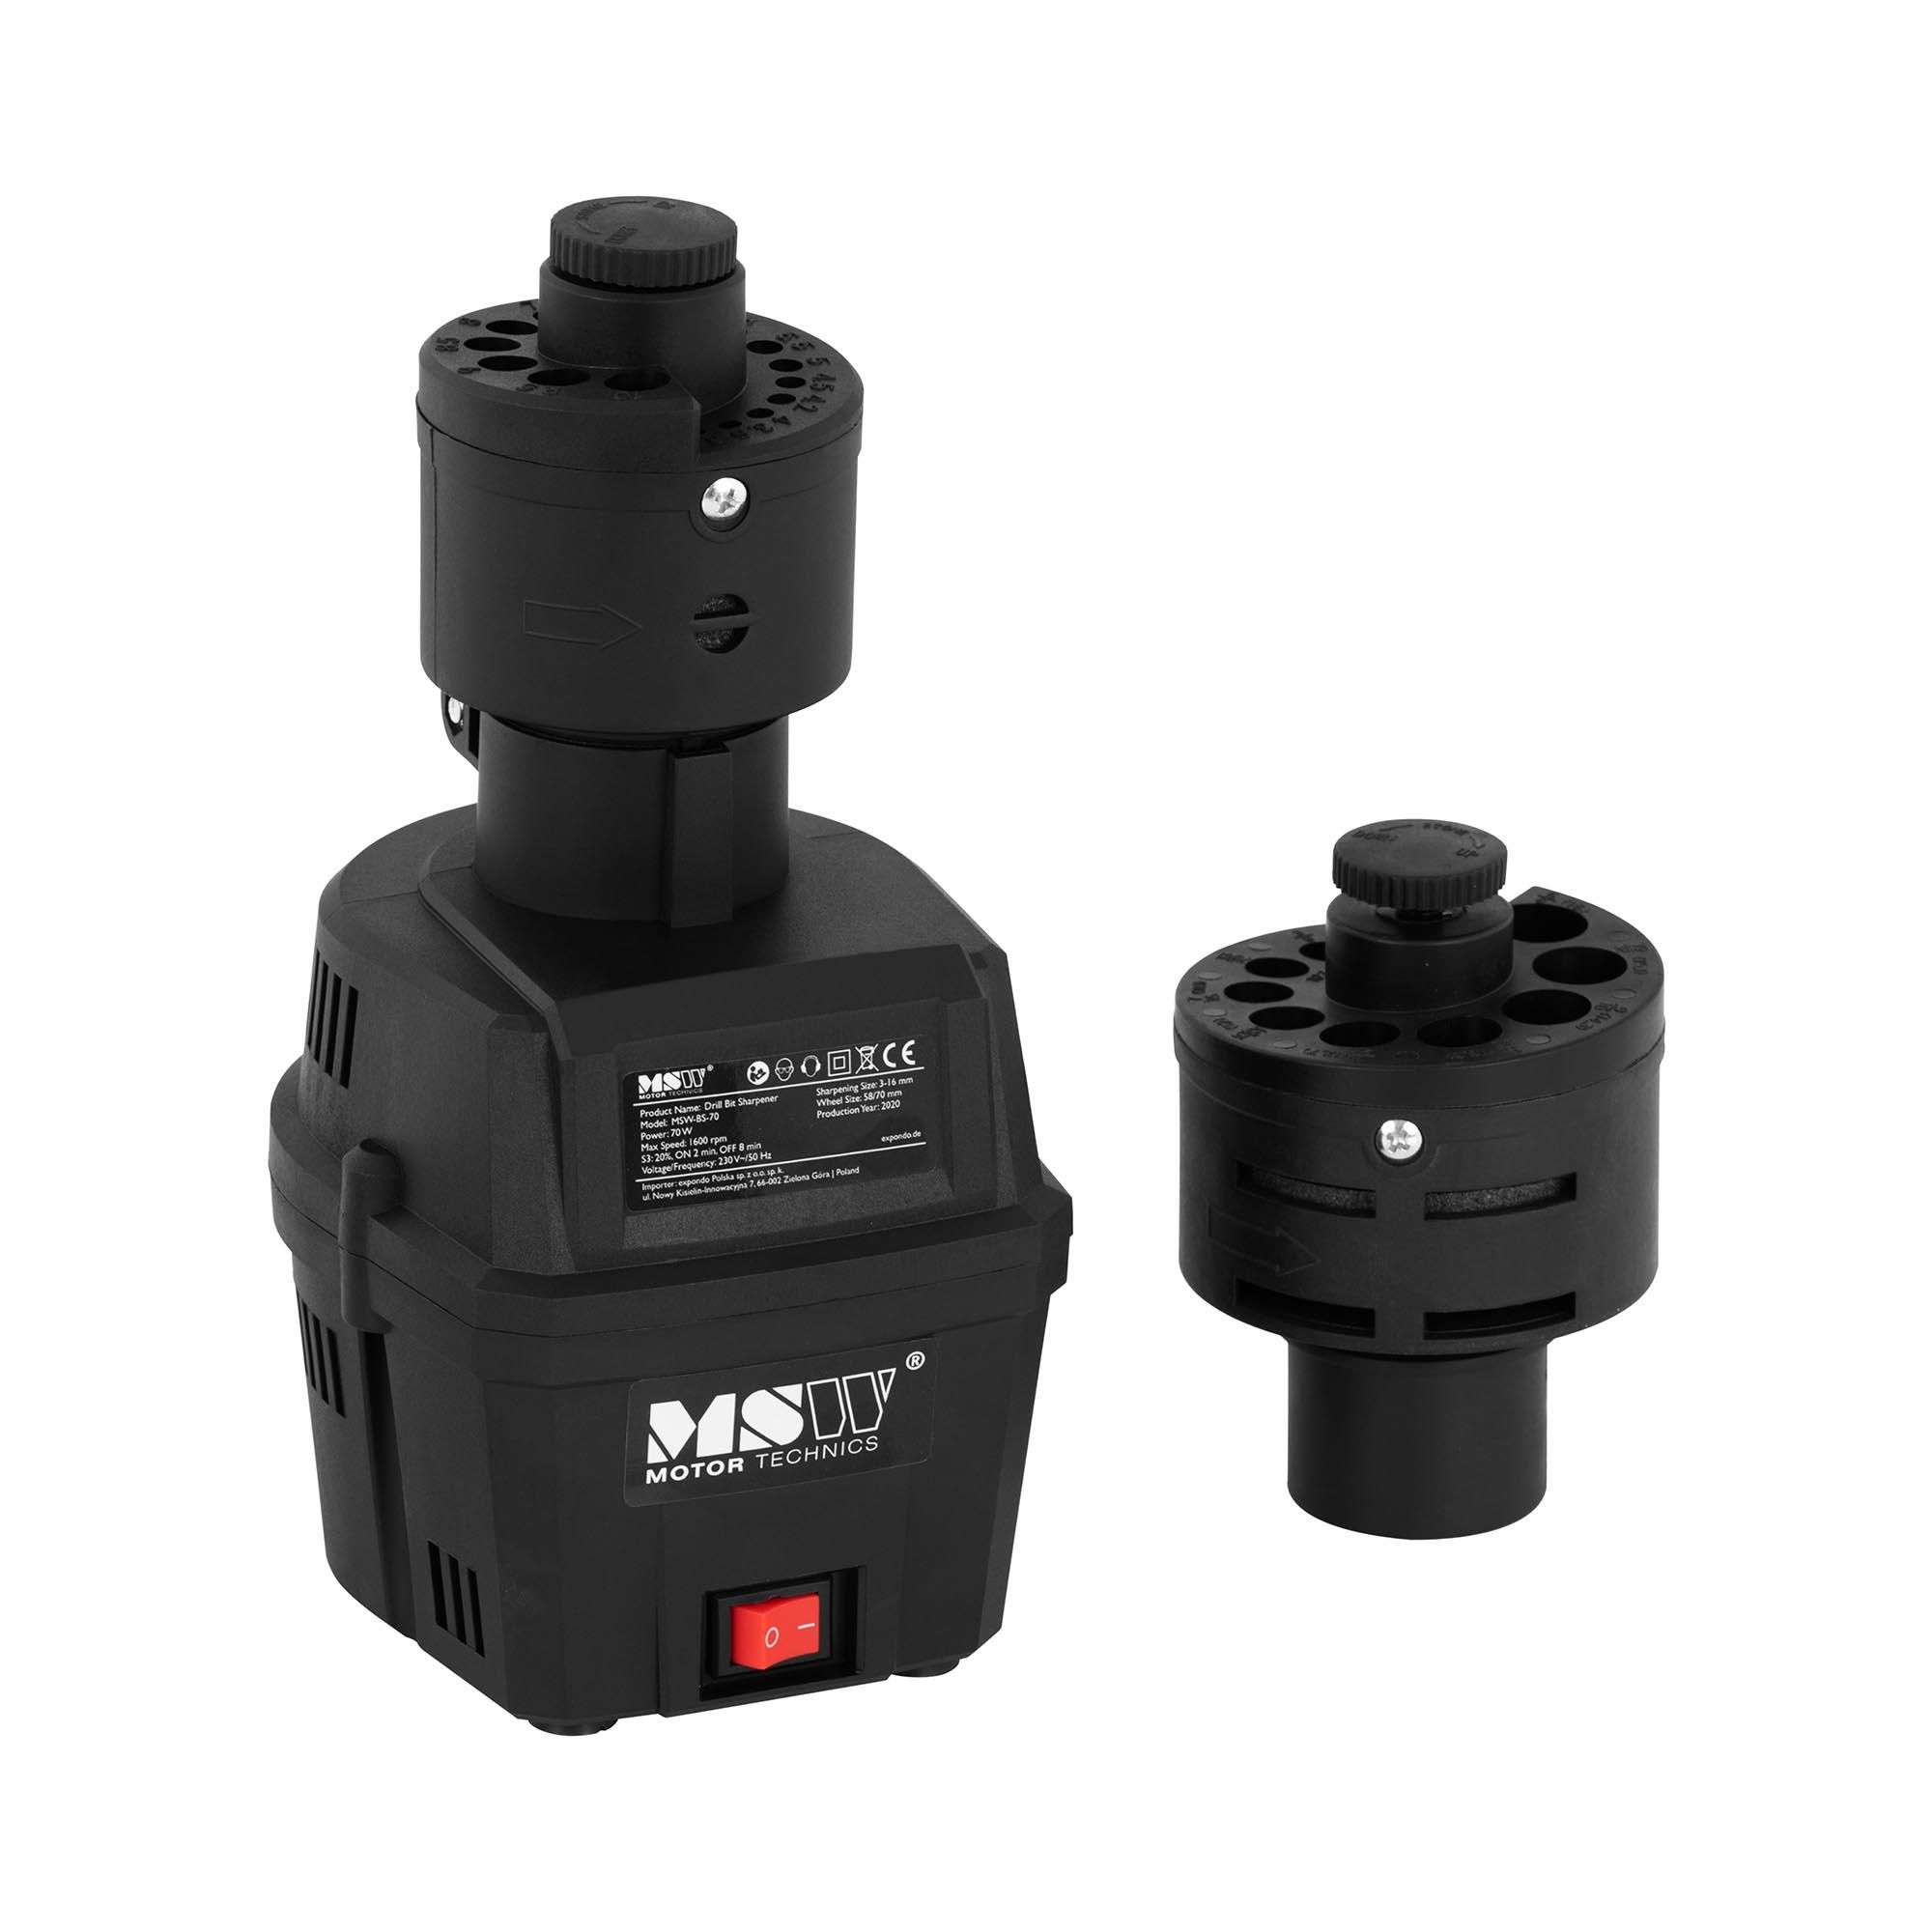 MSW Bohrerschleifgerät - 70 W - 1.600 U/min - Wechselkopf - Schleifbereich 3 bis 16 mm 10061070